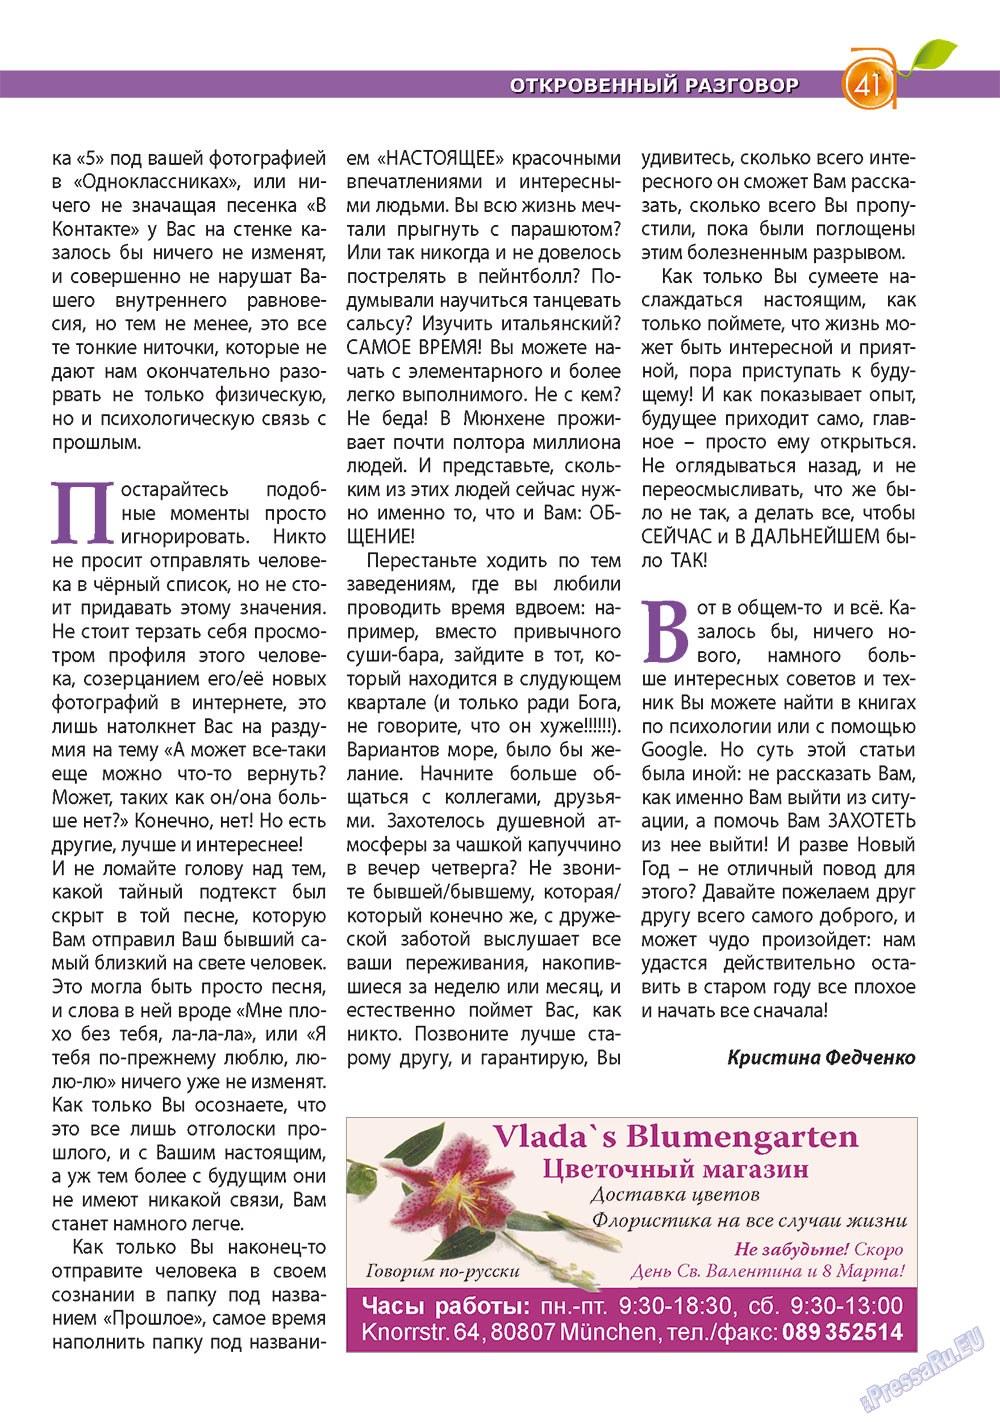 Апельсин (журнал). 2012 год, номер 30, стр. 41